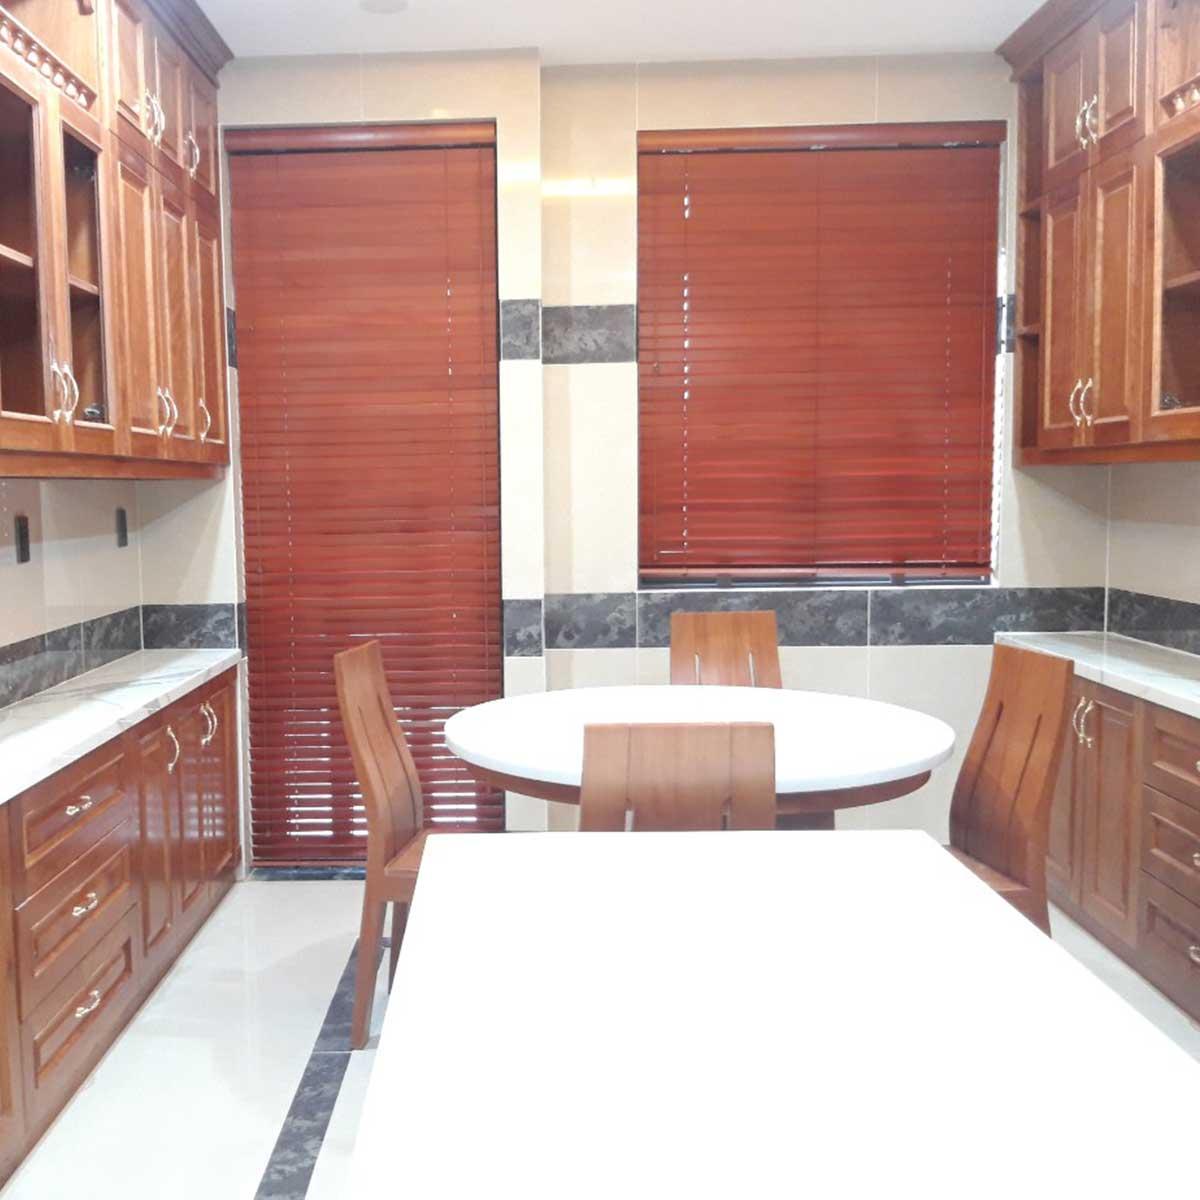 Rèm sáo gỗ cao cấp cho không gian nhà bếp